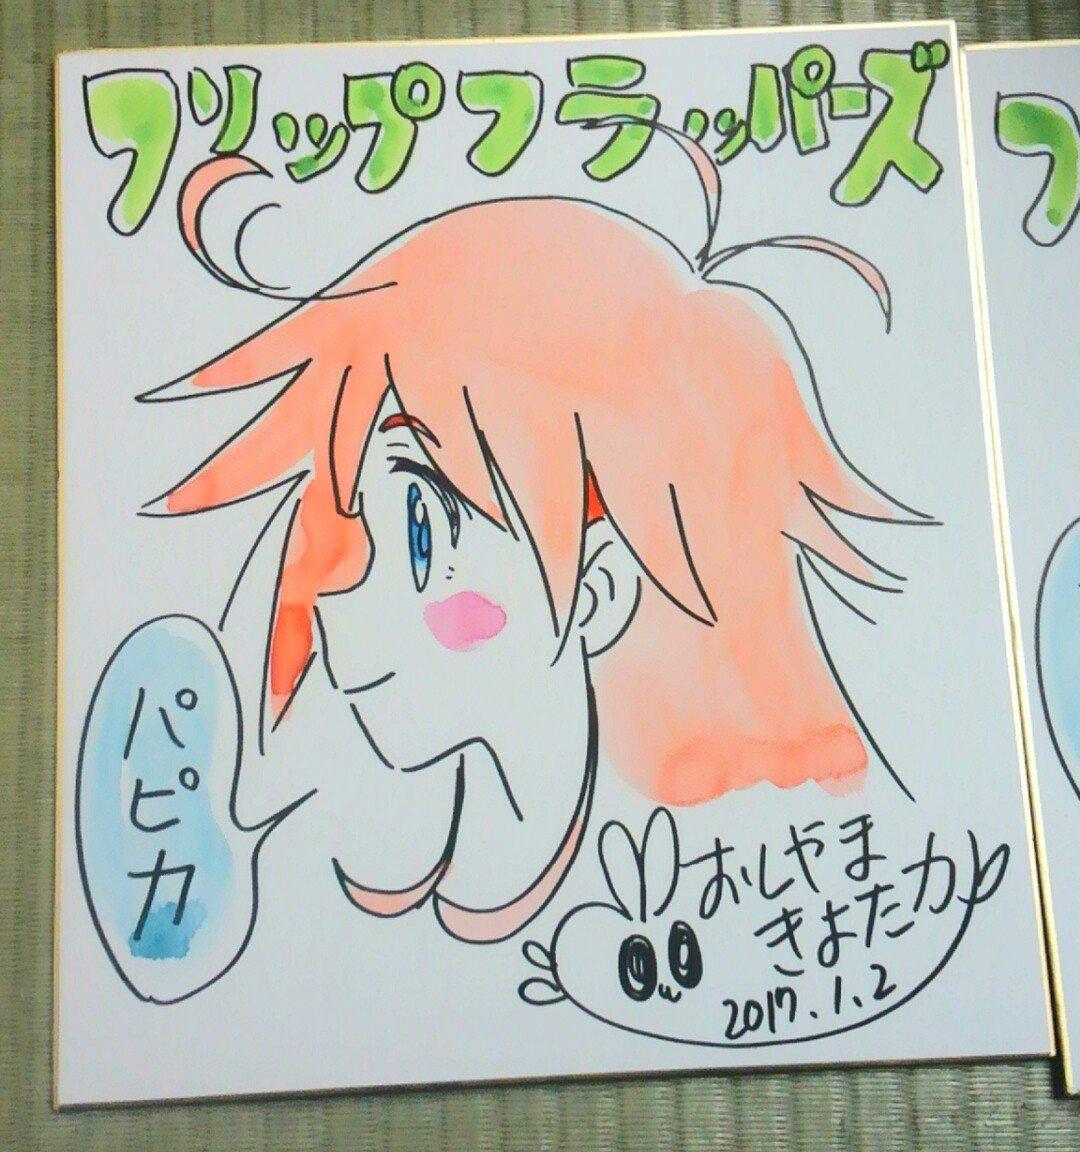 あけましておめでとうございます。東山温泉に来ています。風呂あがりに親父に頼まれた色紙を3枚描く。自分用とばあちゃん用とプ